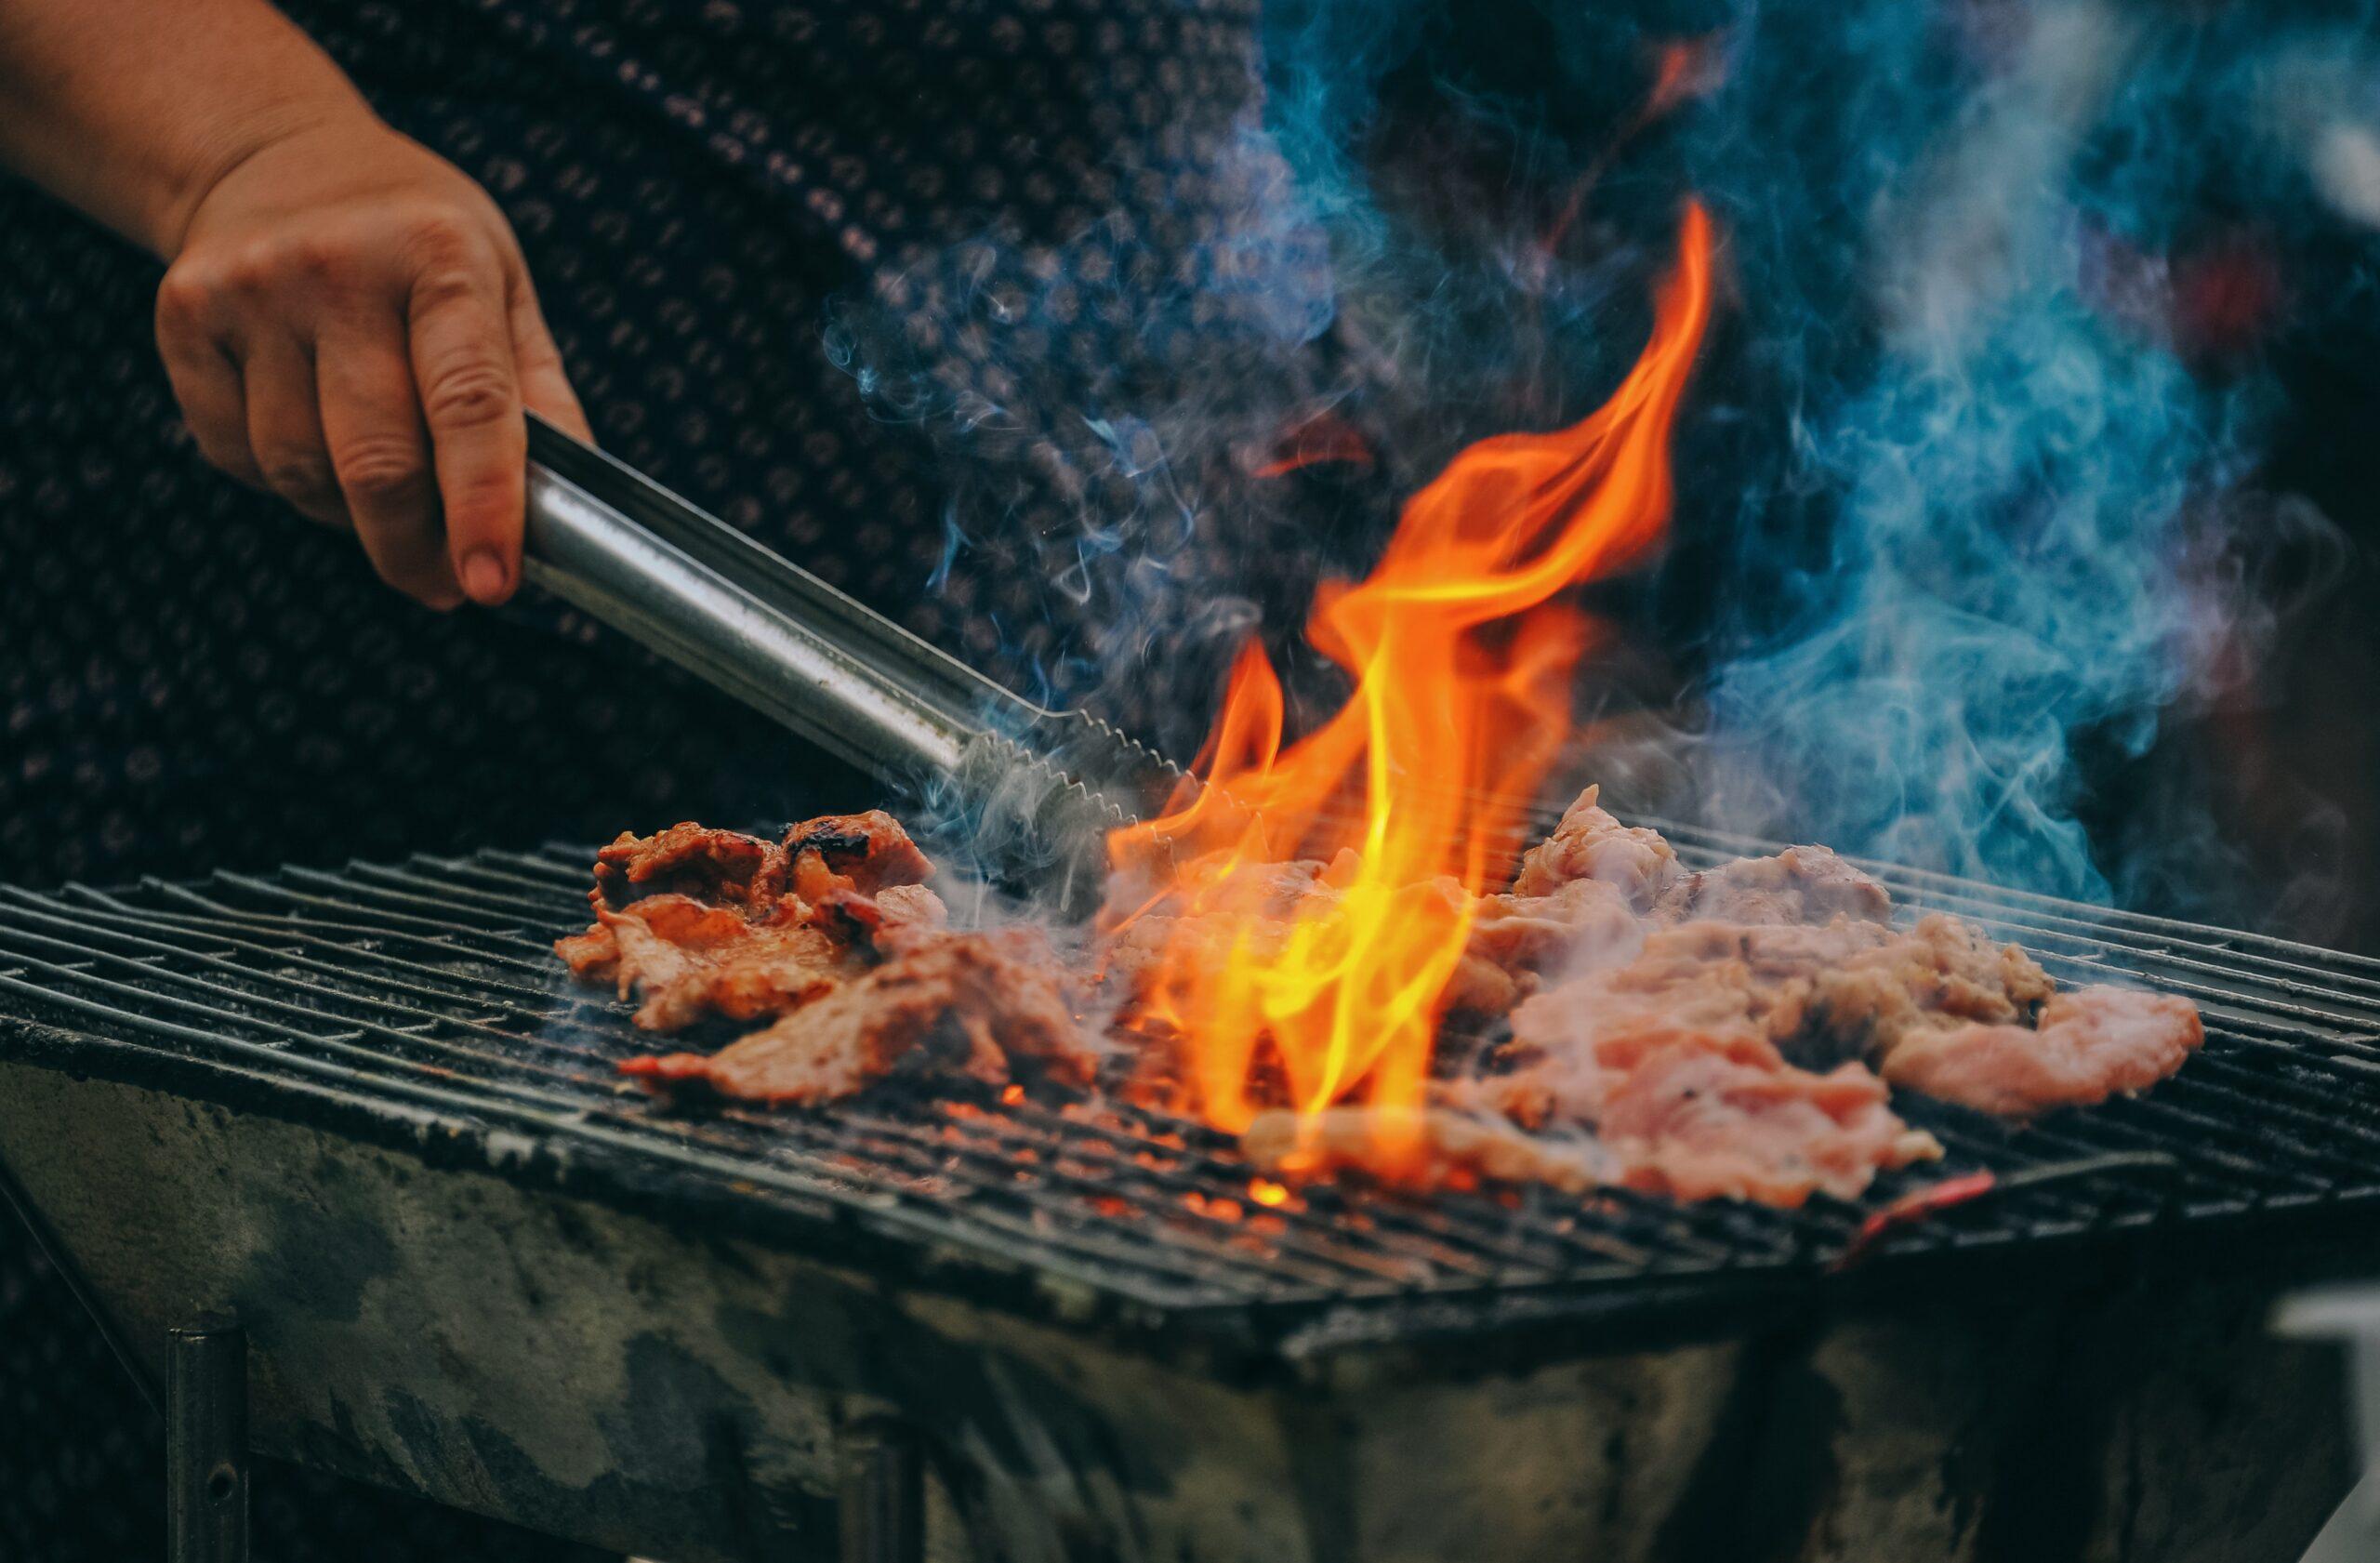 Mand griller kød på grill